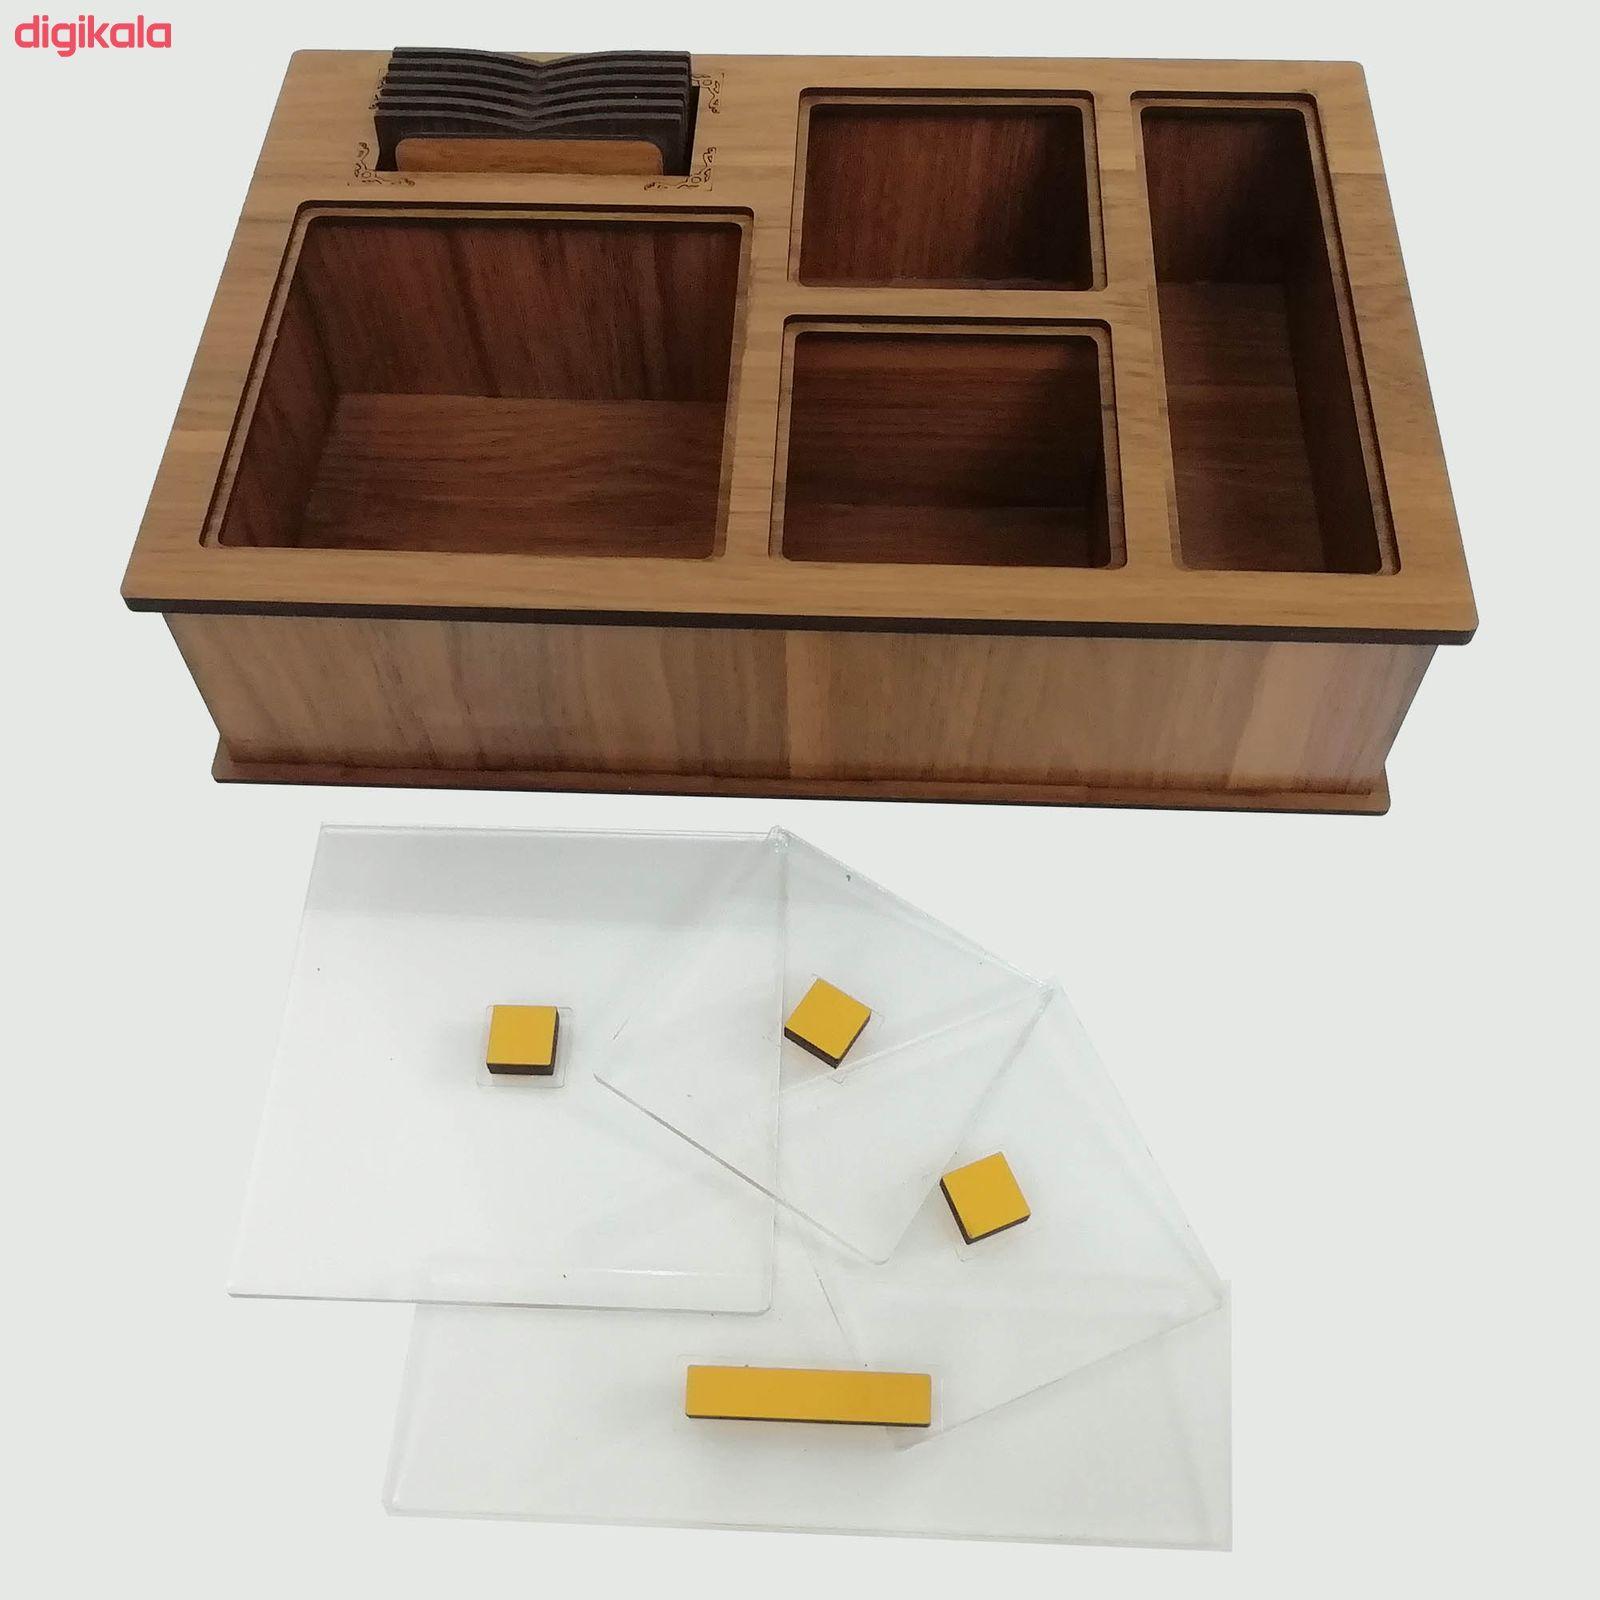 جعبه رومیزی تی بگ و تنقلات و زیرلیوانی مدل DR_BEST main 1 2